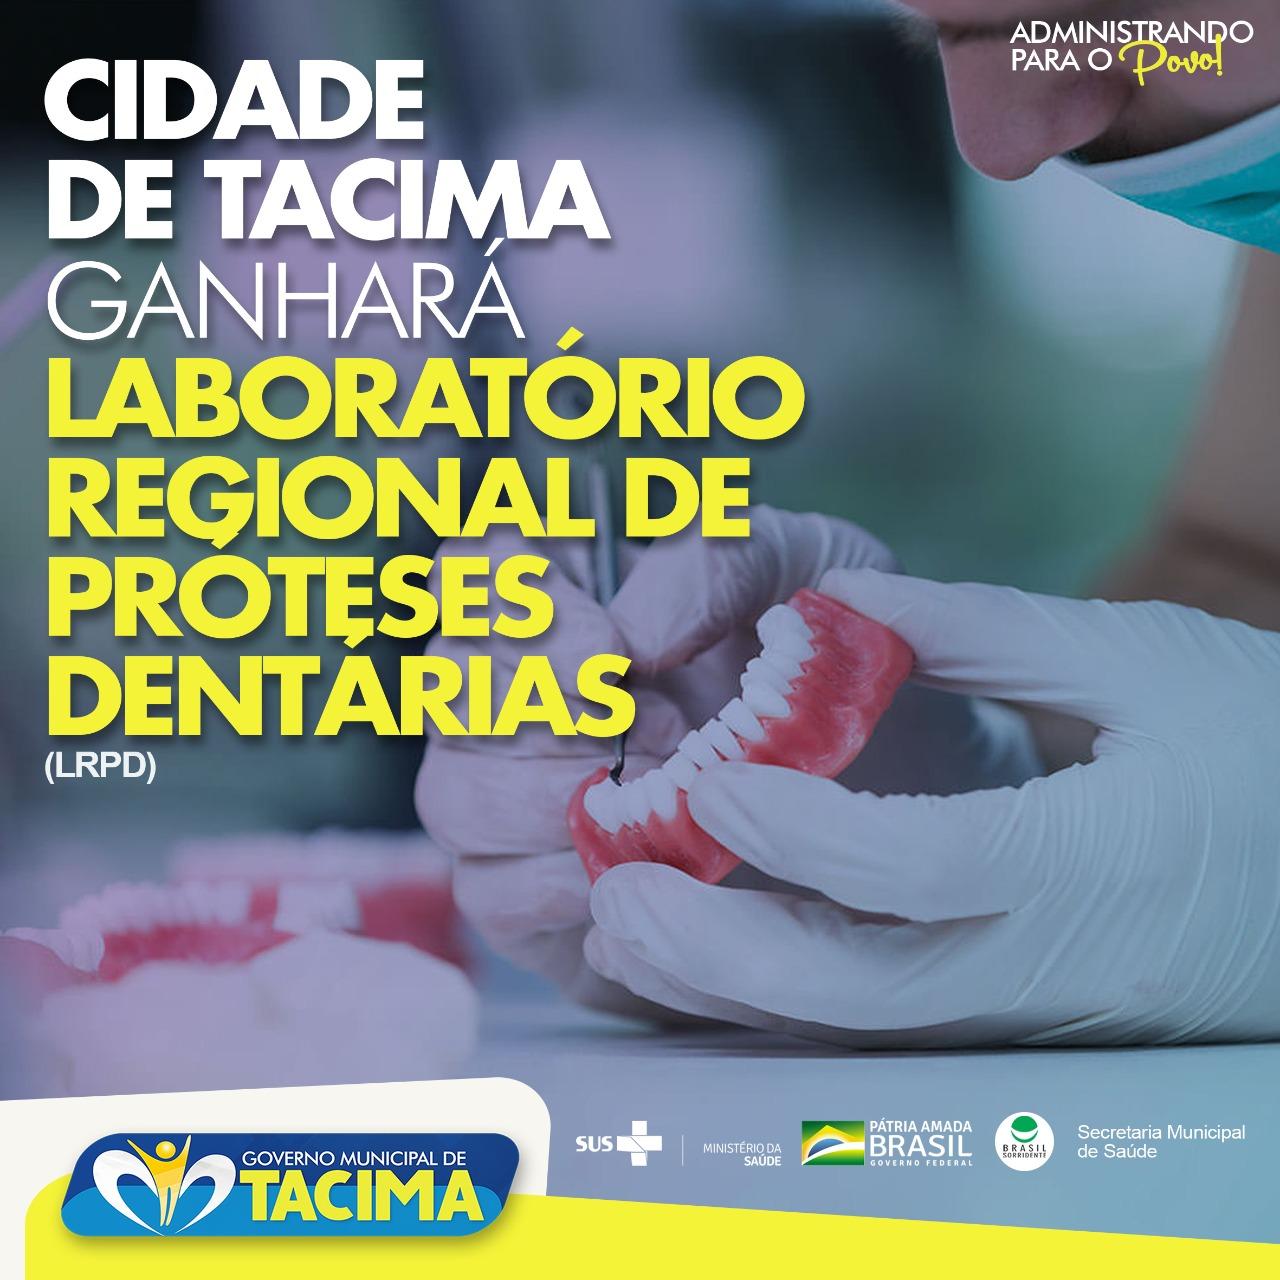 TACIMA É CONTEMPLADA COM UM LABORATÓRIO REGIONAL DE PRÓTESES DENTÁRIAS